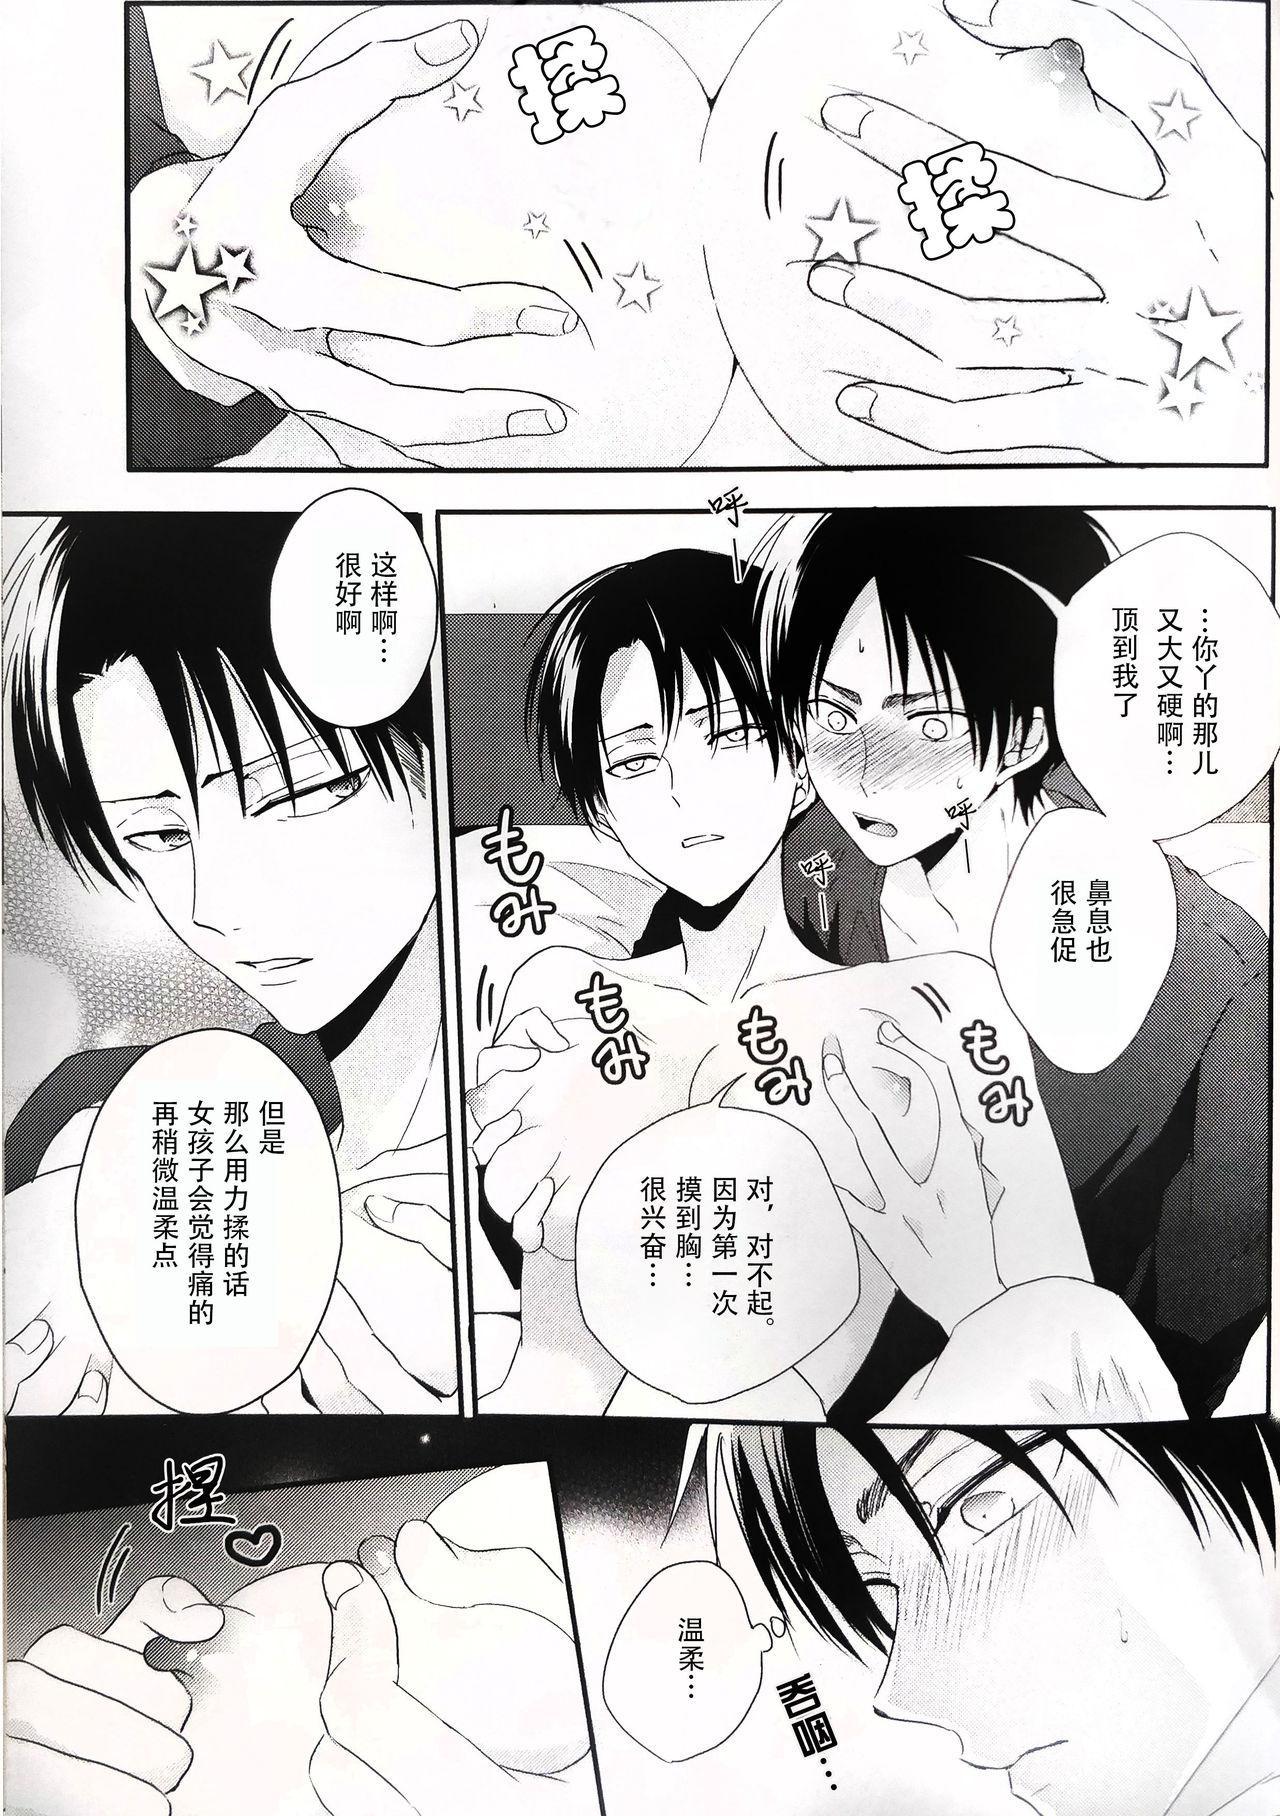 Hoshi e cho ni onegai ~tsu! | 向星兵长许愿! 9